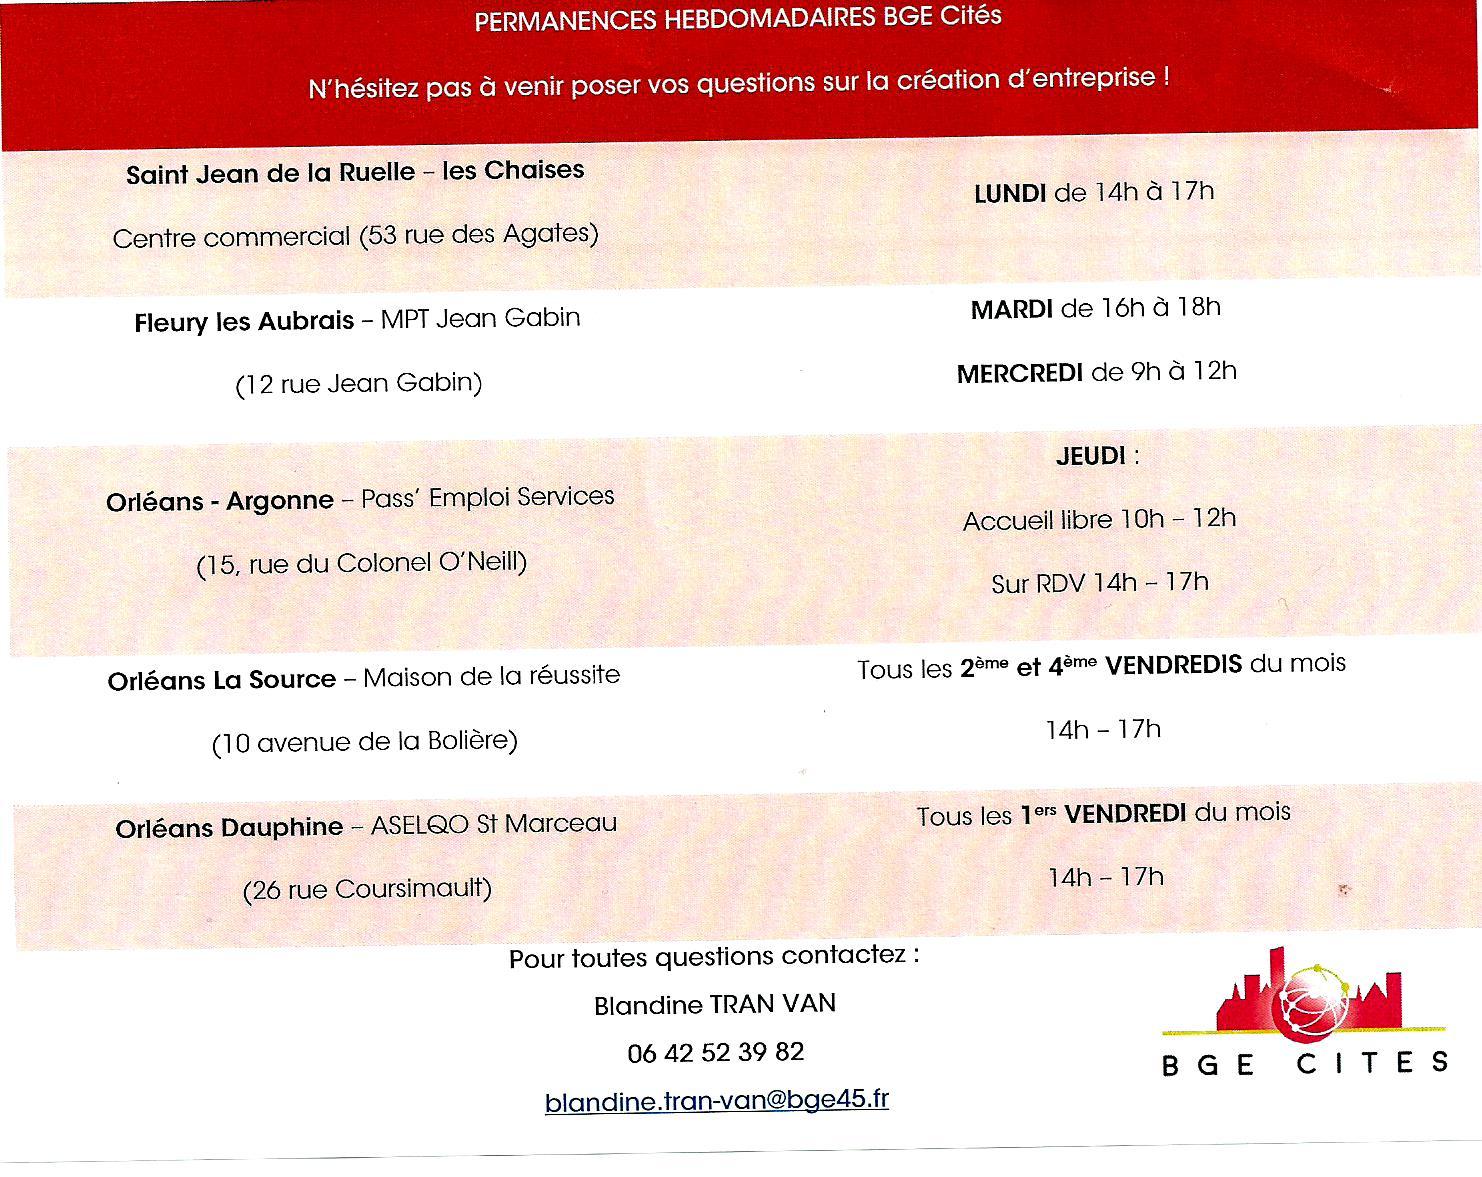 Scan Permanences Hebdomadaires BGE Cités 2017.jpg